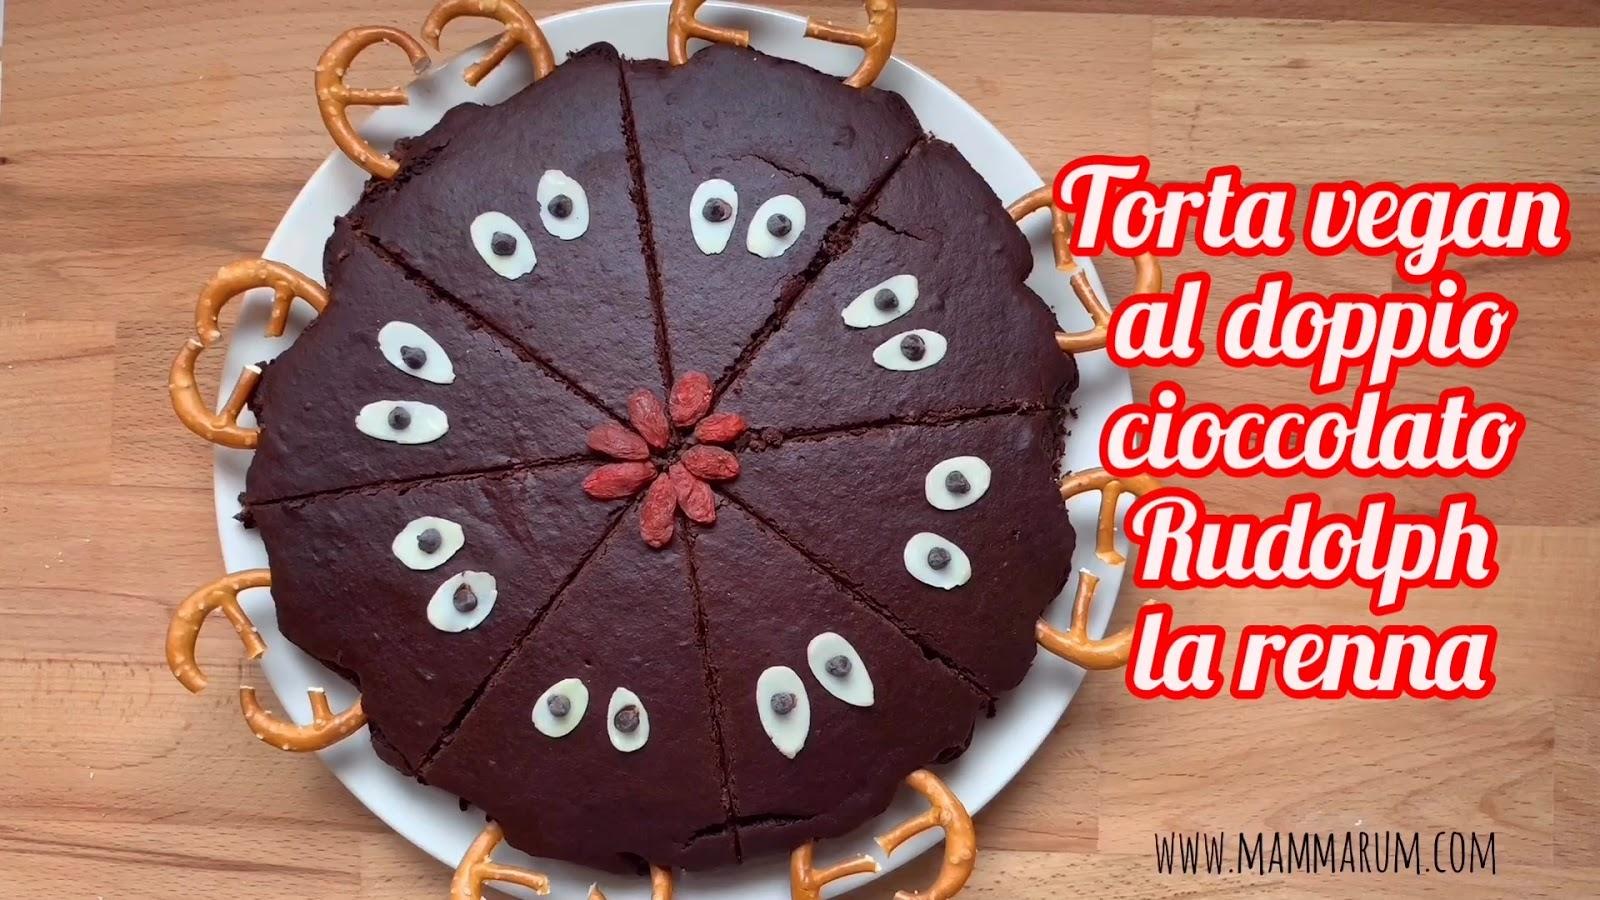 Avvento giorno 7: Torta Rudolph al doppio cioccolato